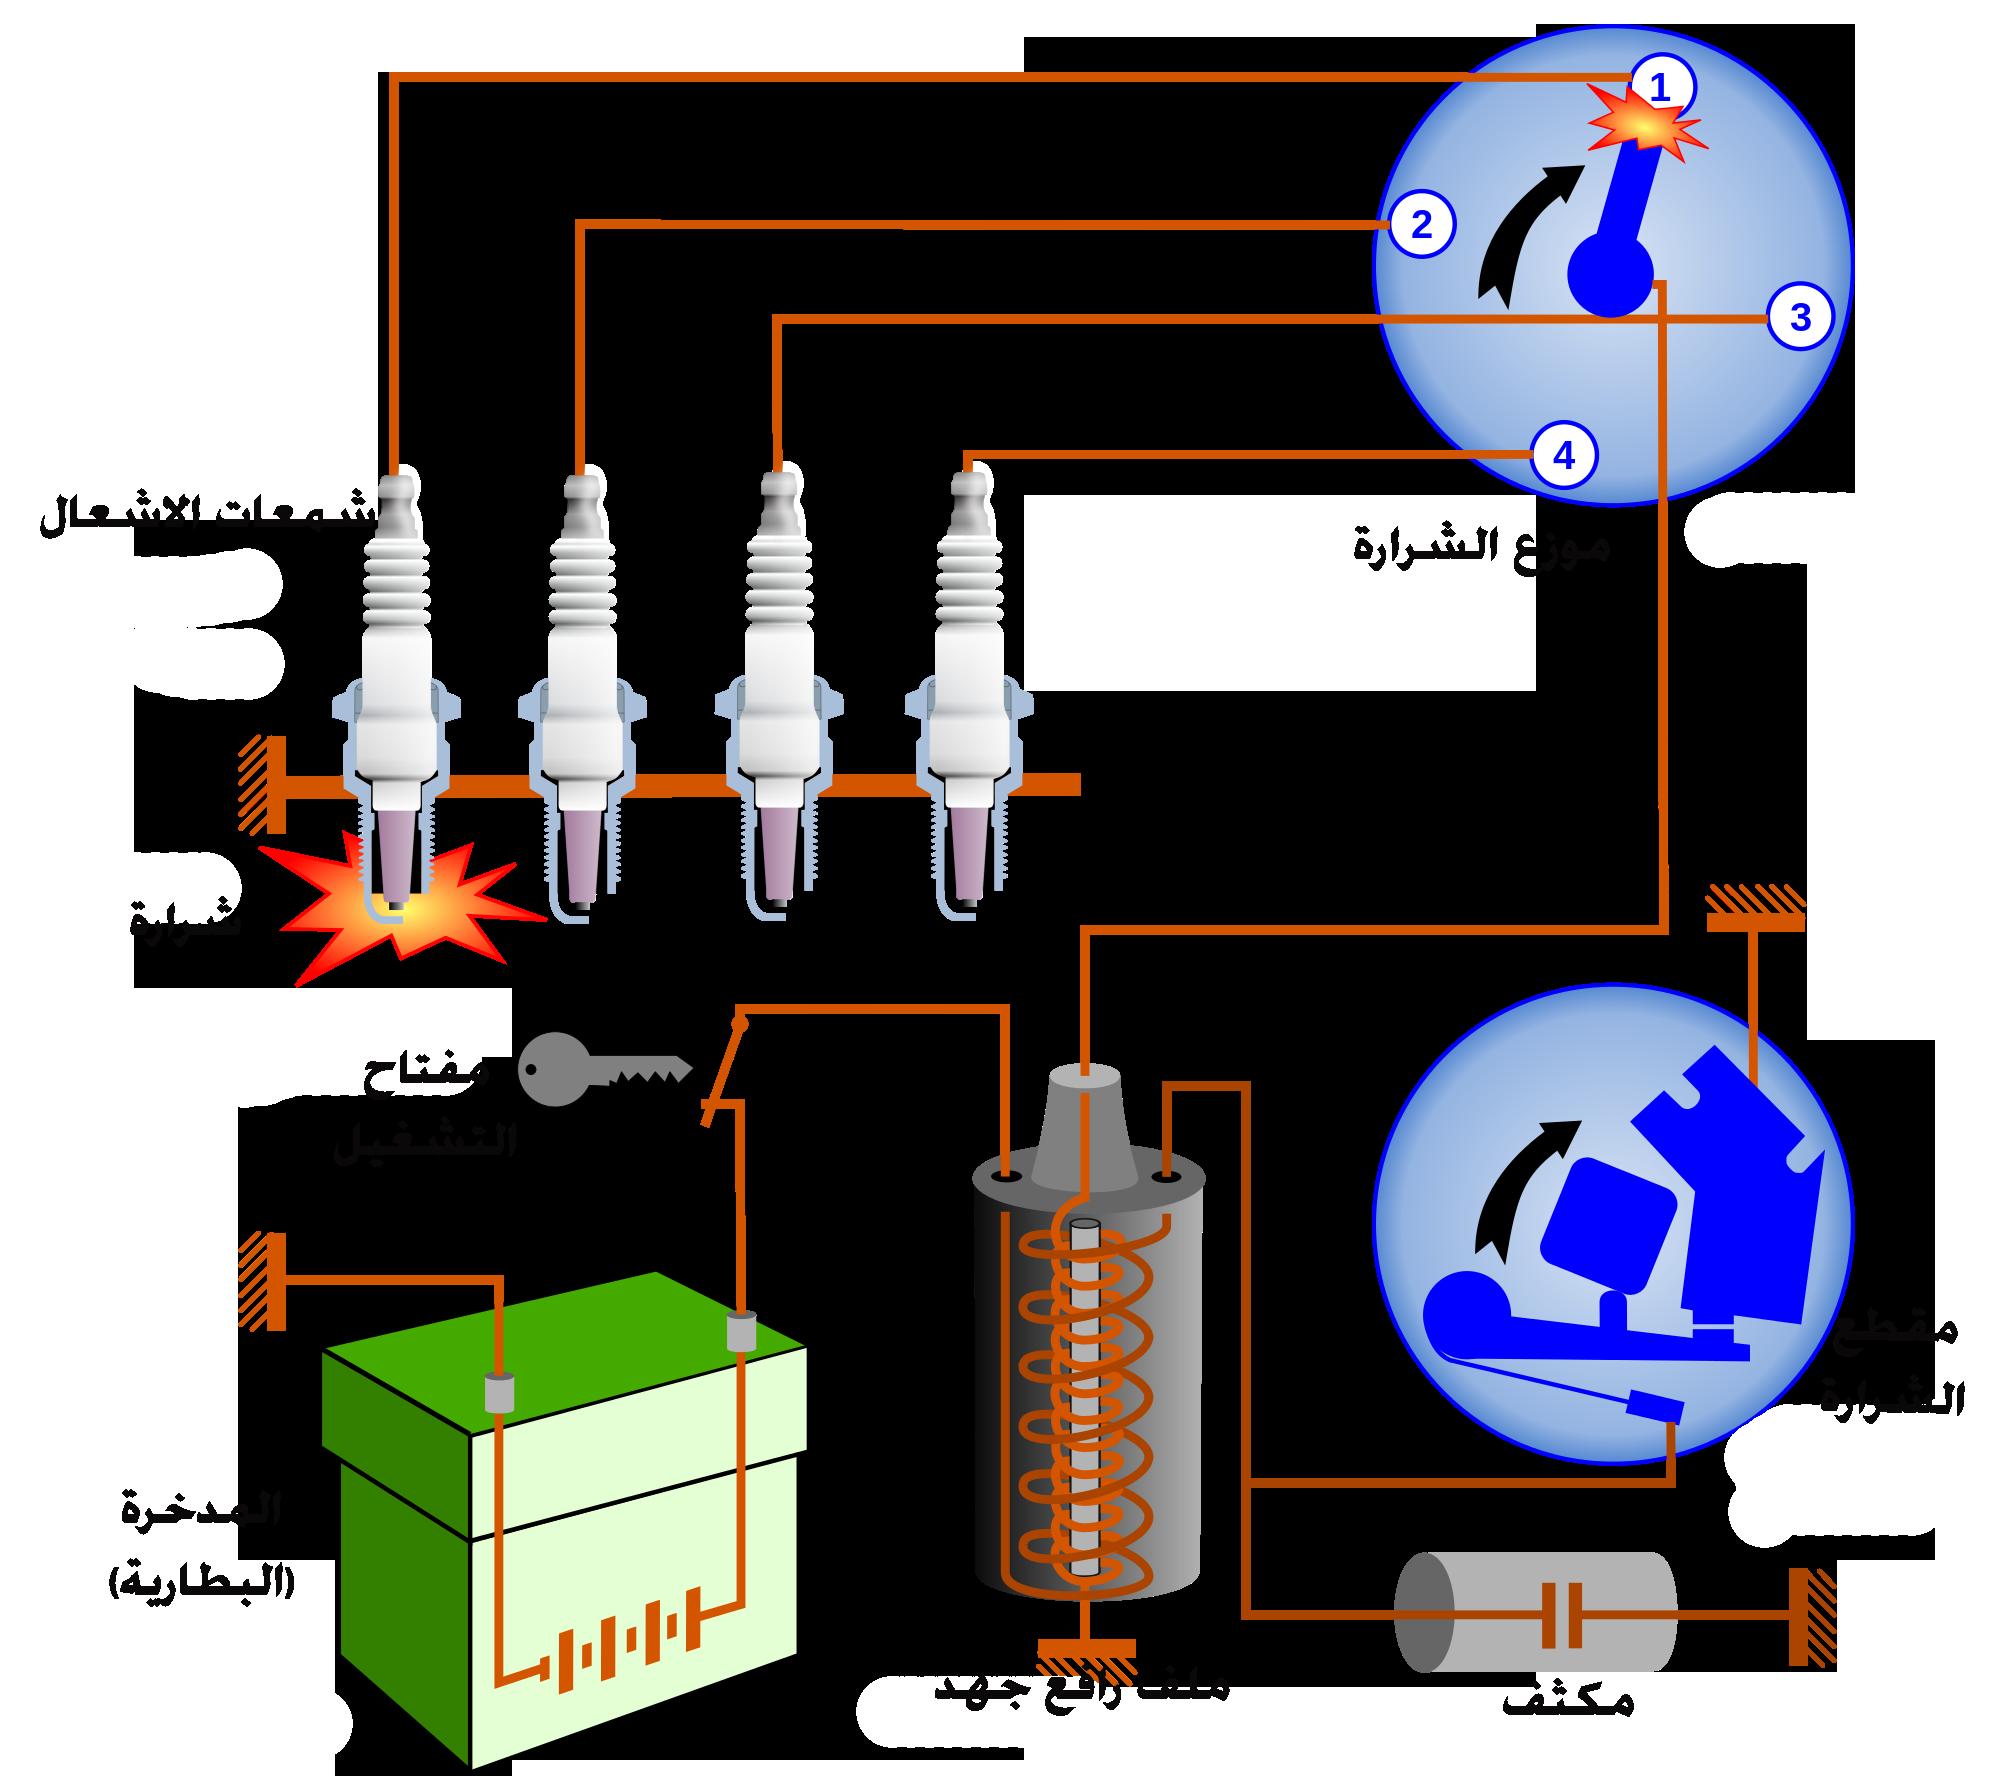 نظام الإشعال في محركات البنزين